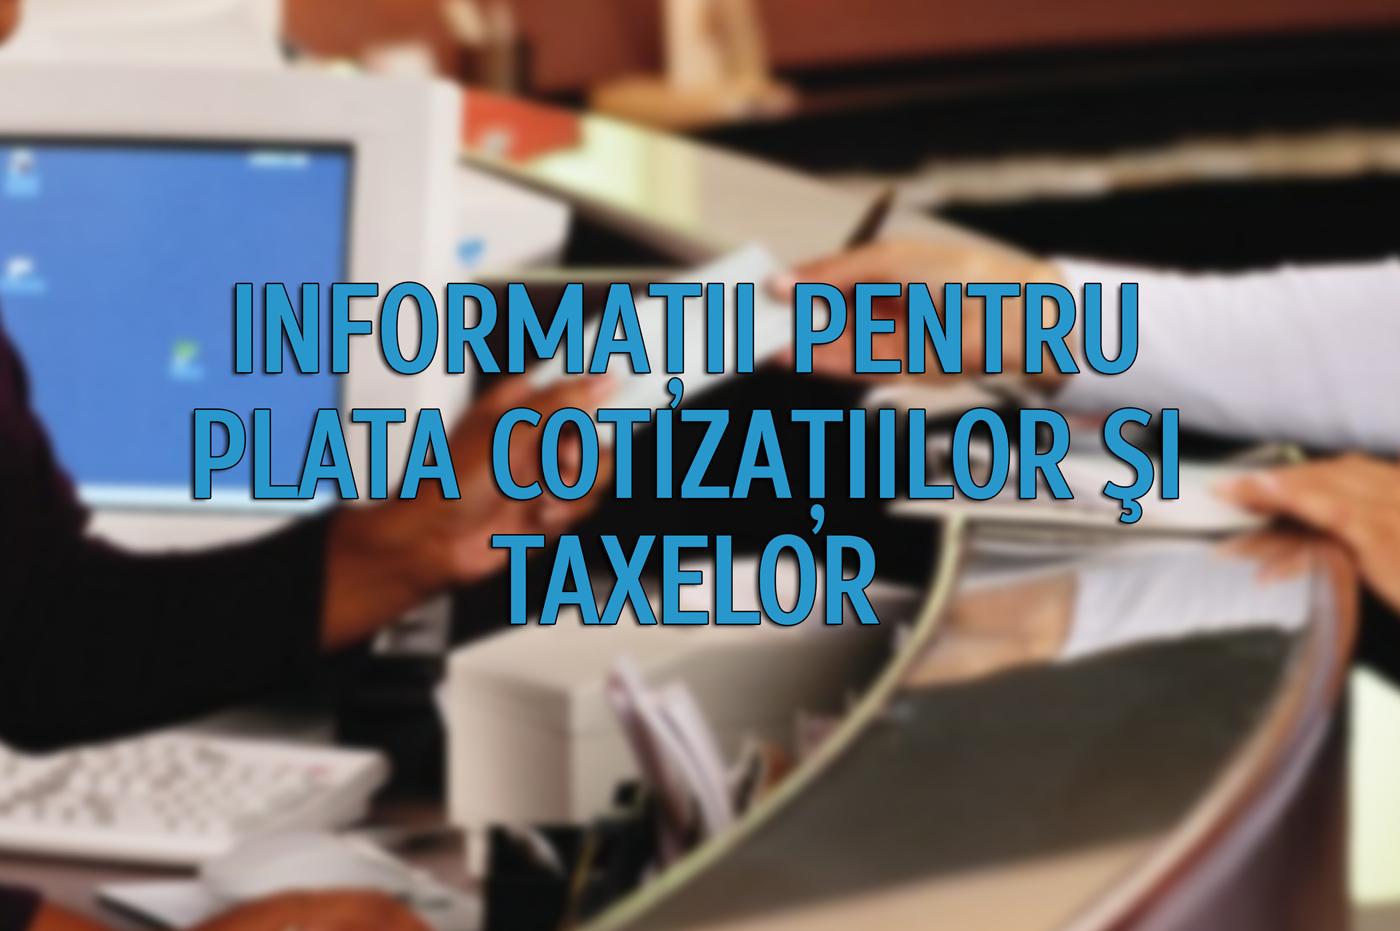 Informatii pentru plata cotizatiilor si taxelor